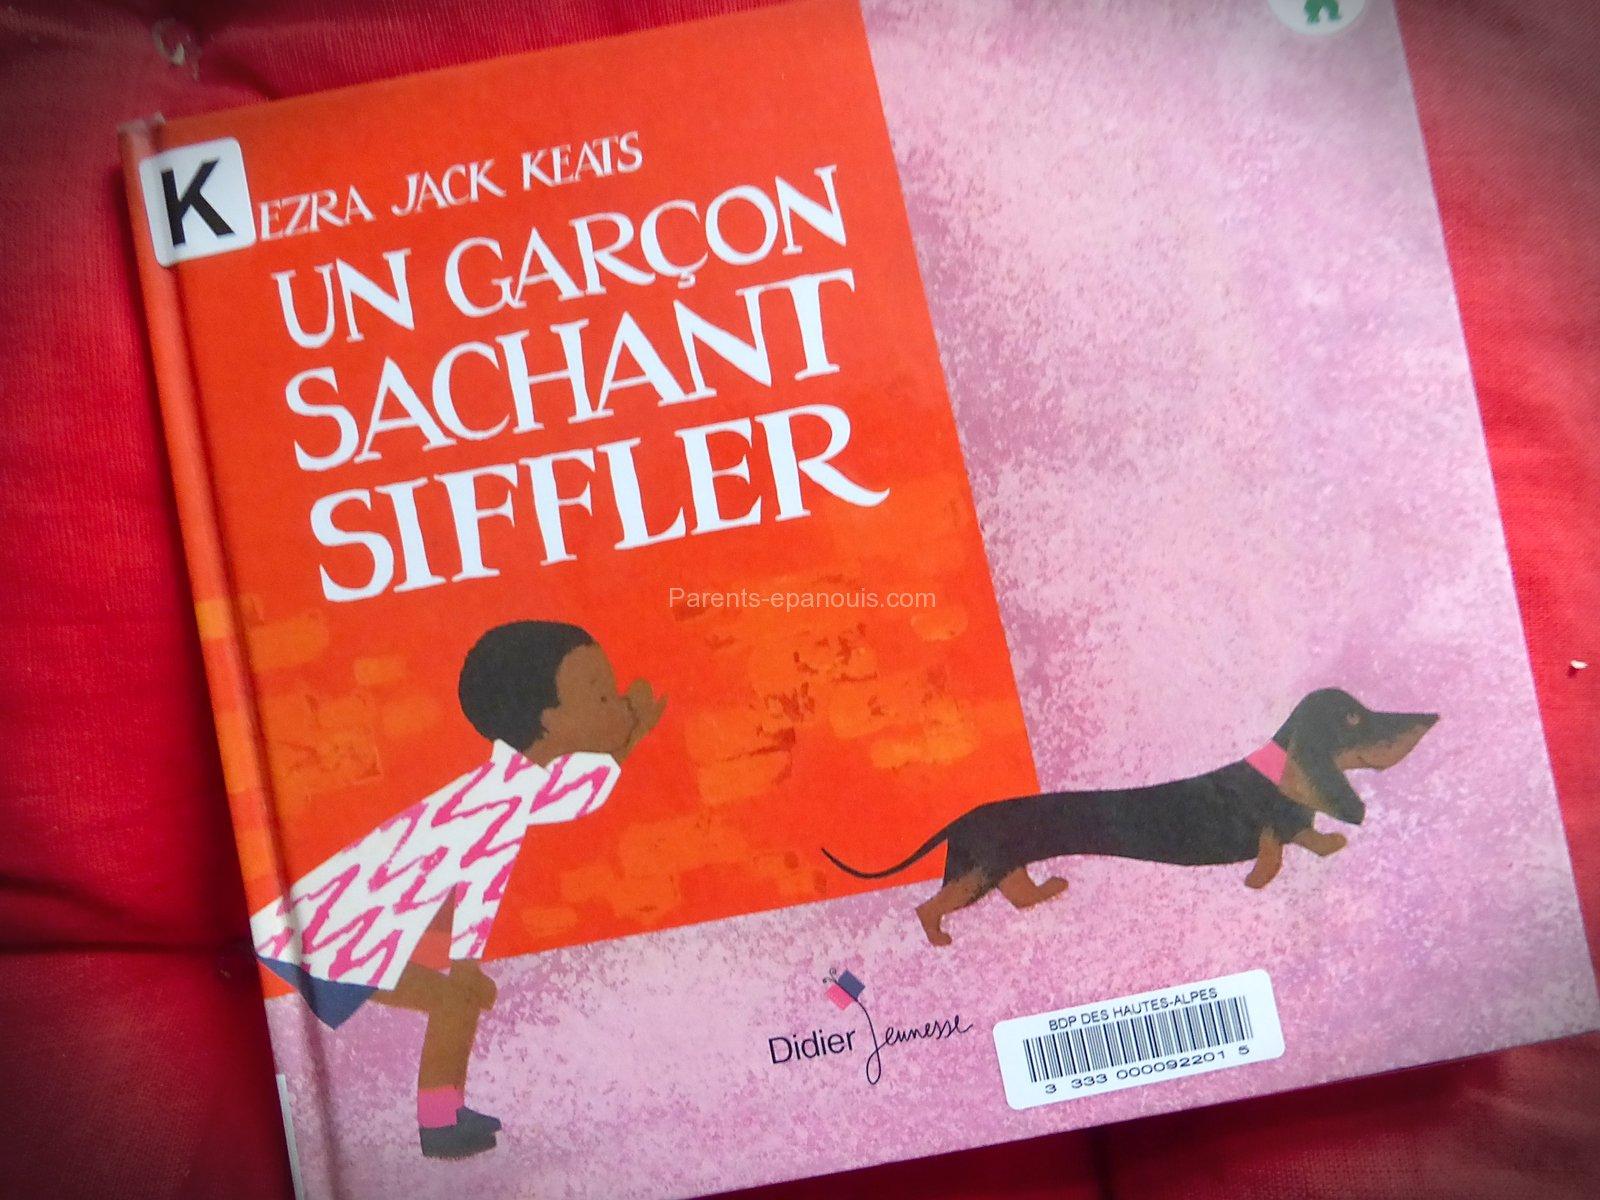 un garçon sachant siffler, Ezra Jack Keats, livre pour enfant, parents-epanouis.com